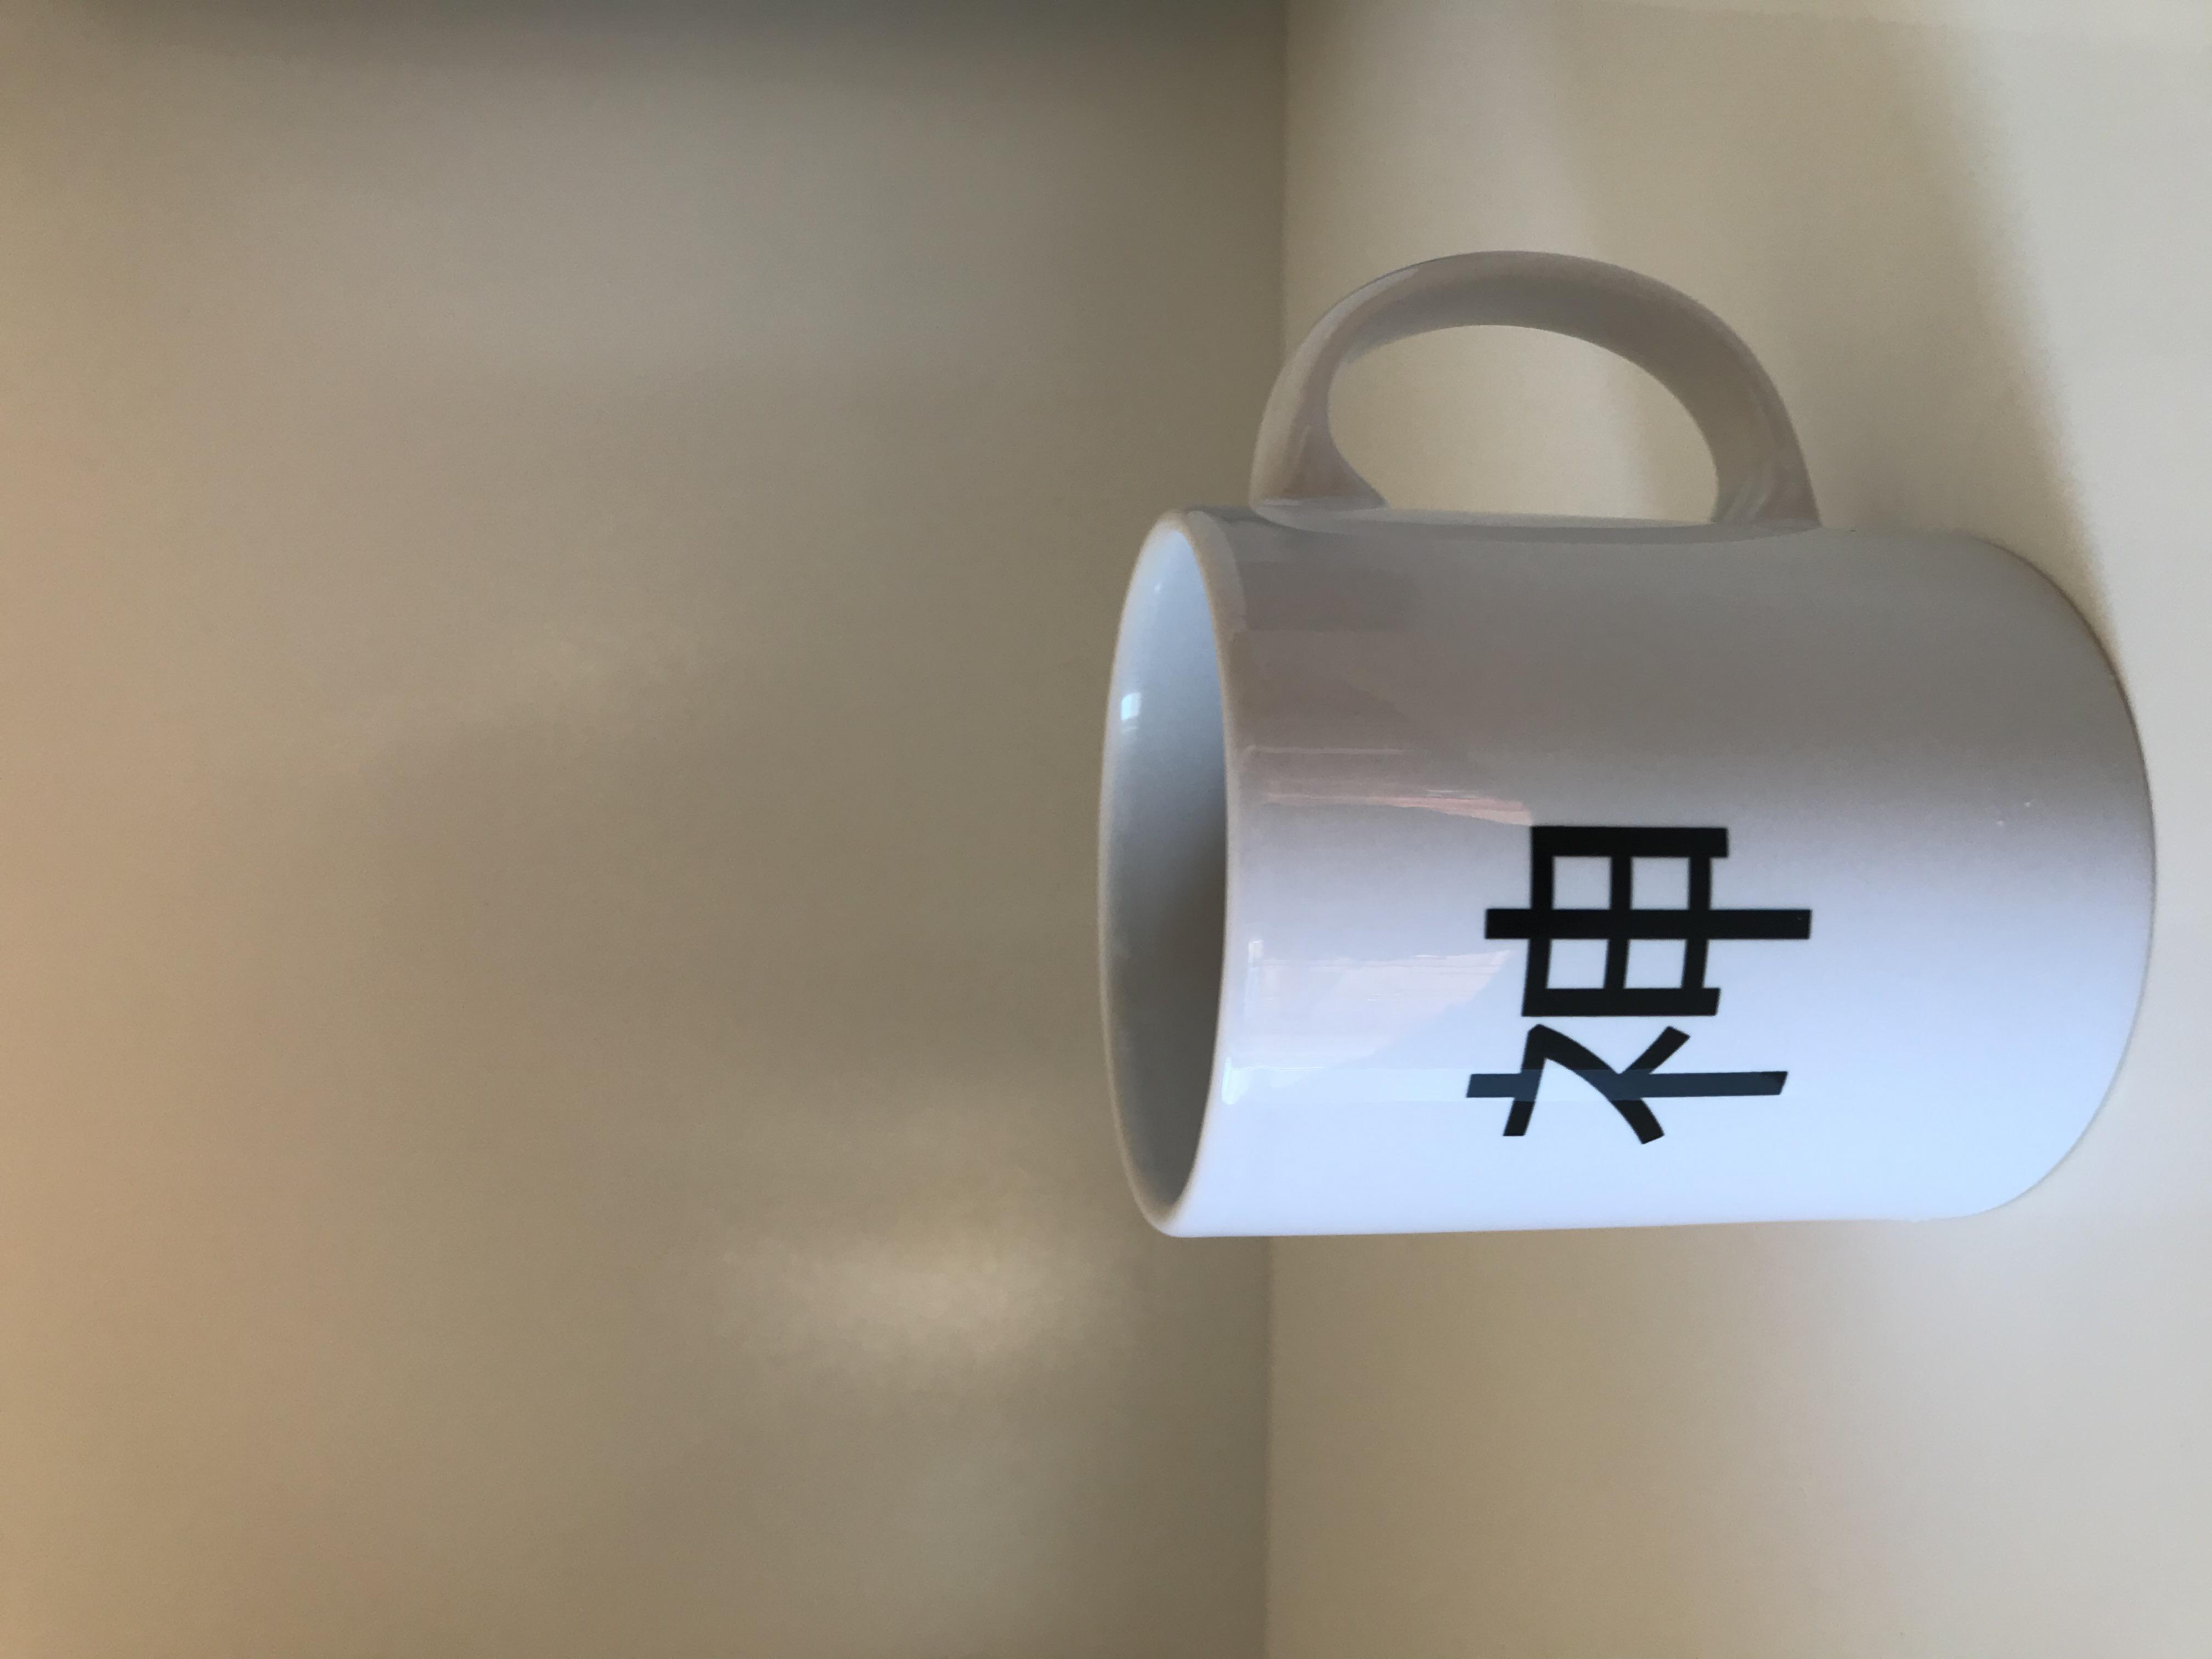 神コップ「2020年11月15日 11:58」に作成したデザイン 陶器マグストレート(M)